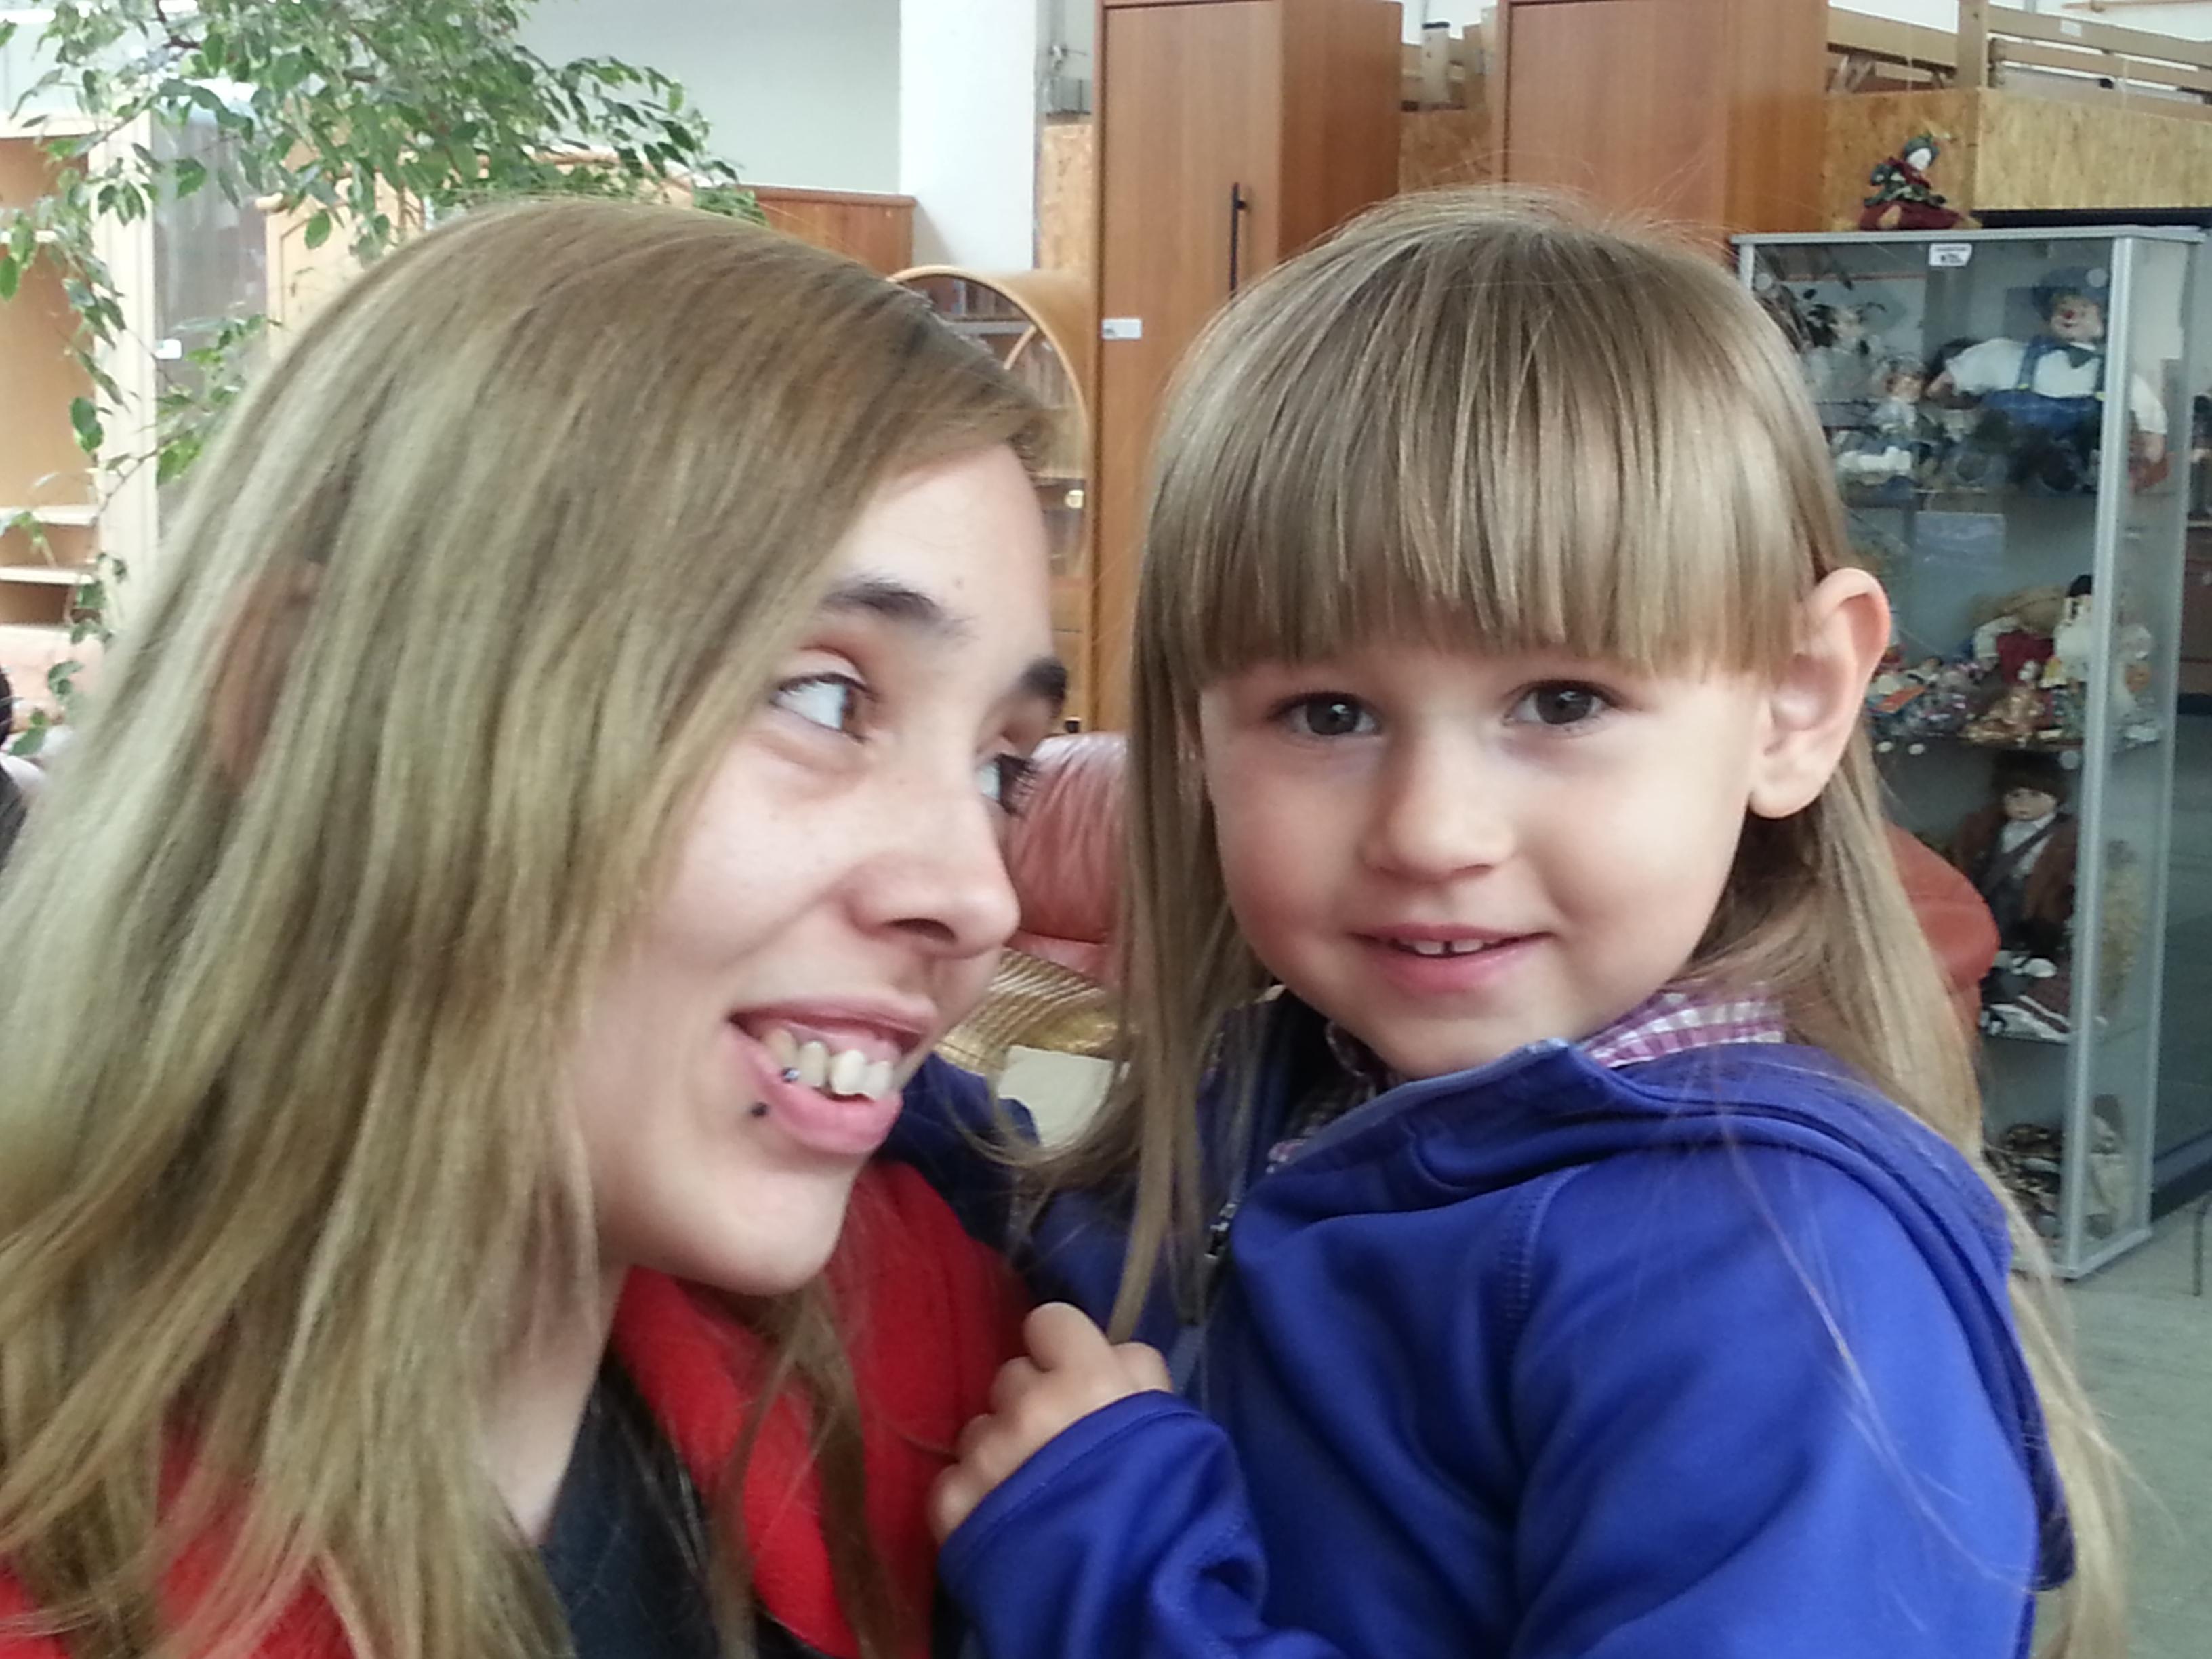 Bild von Mutter und Kind